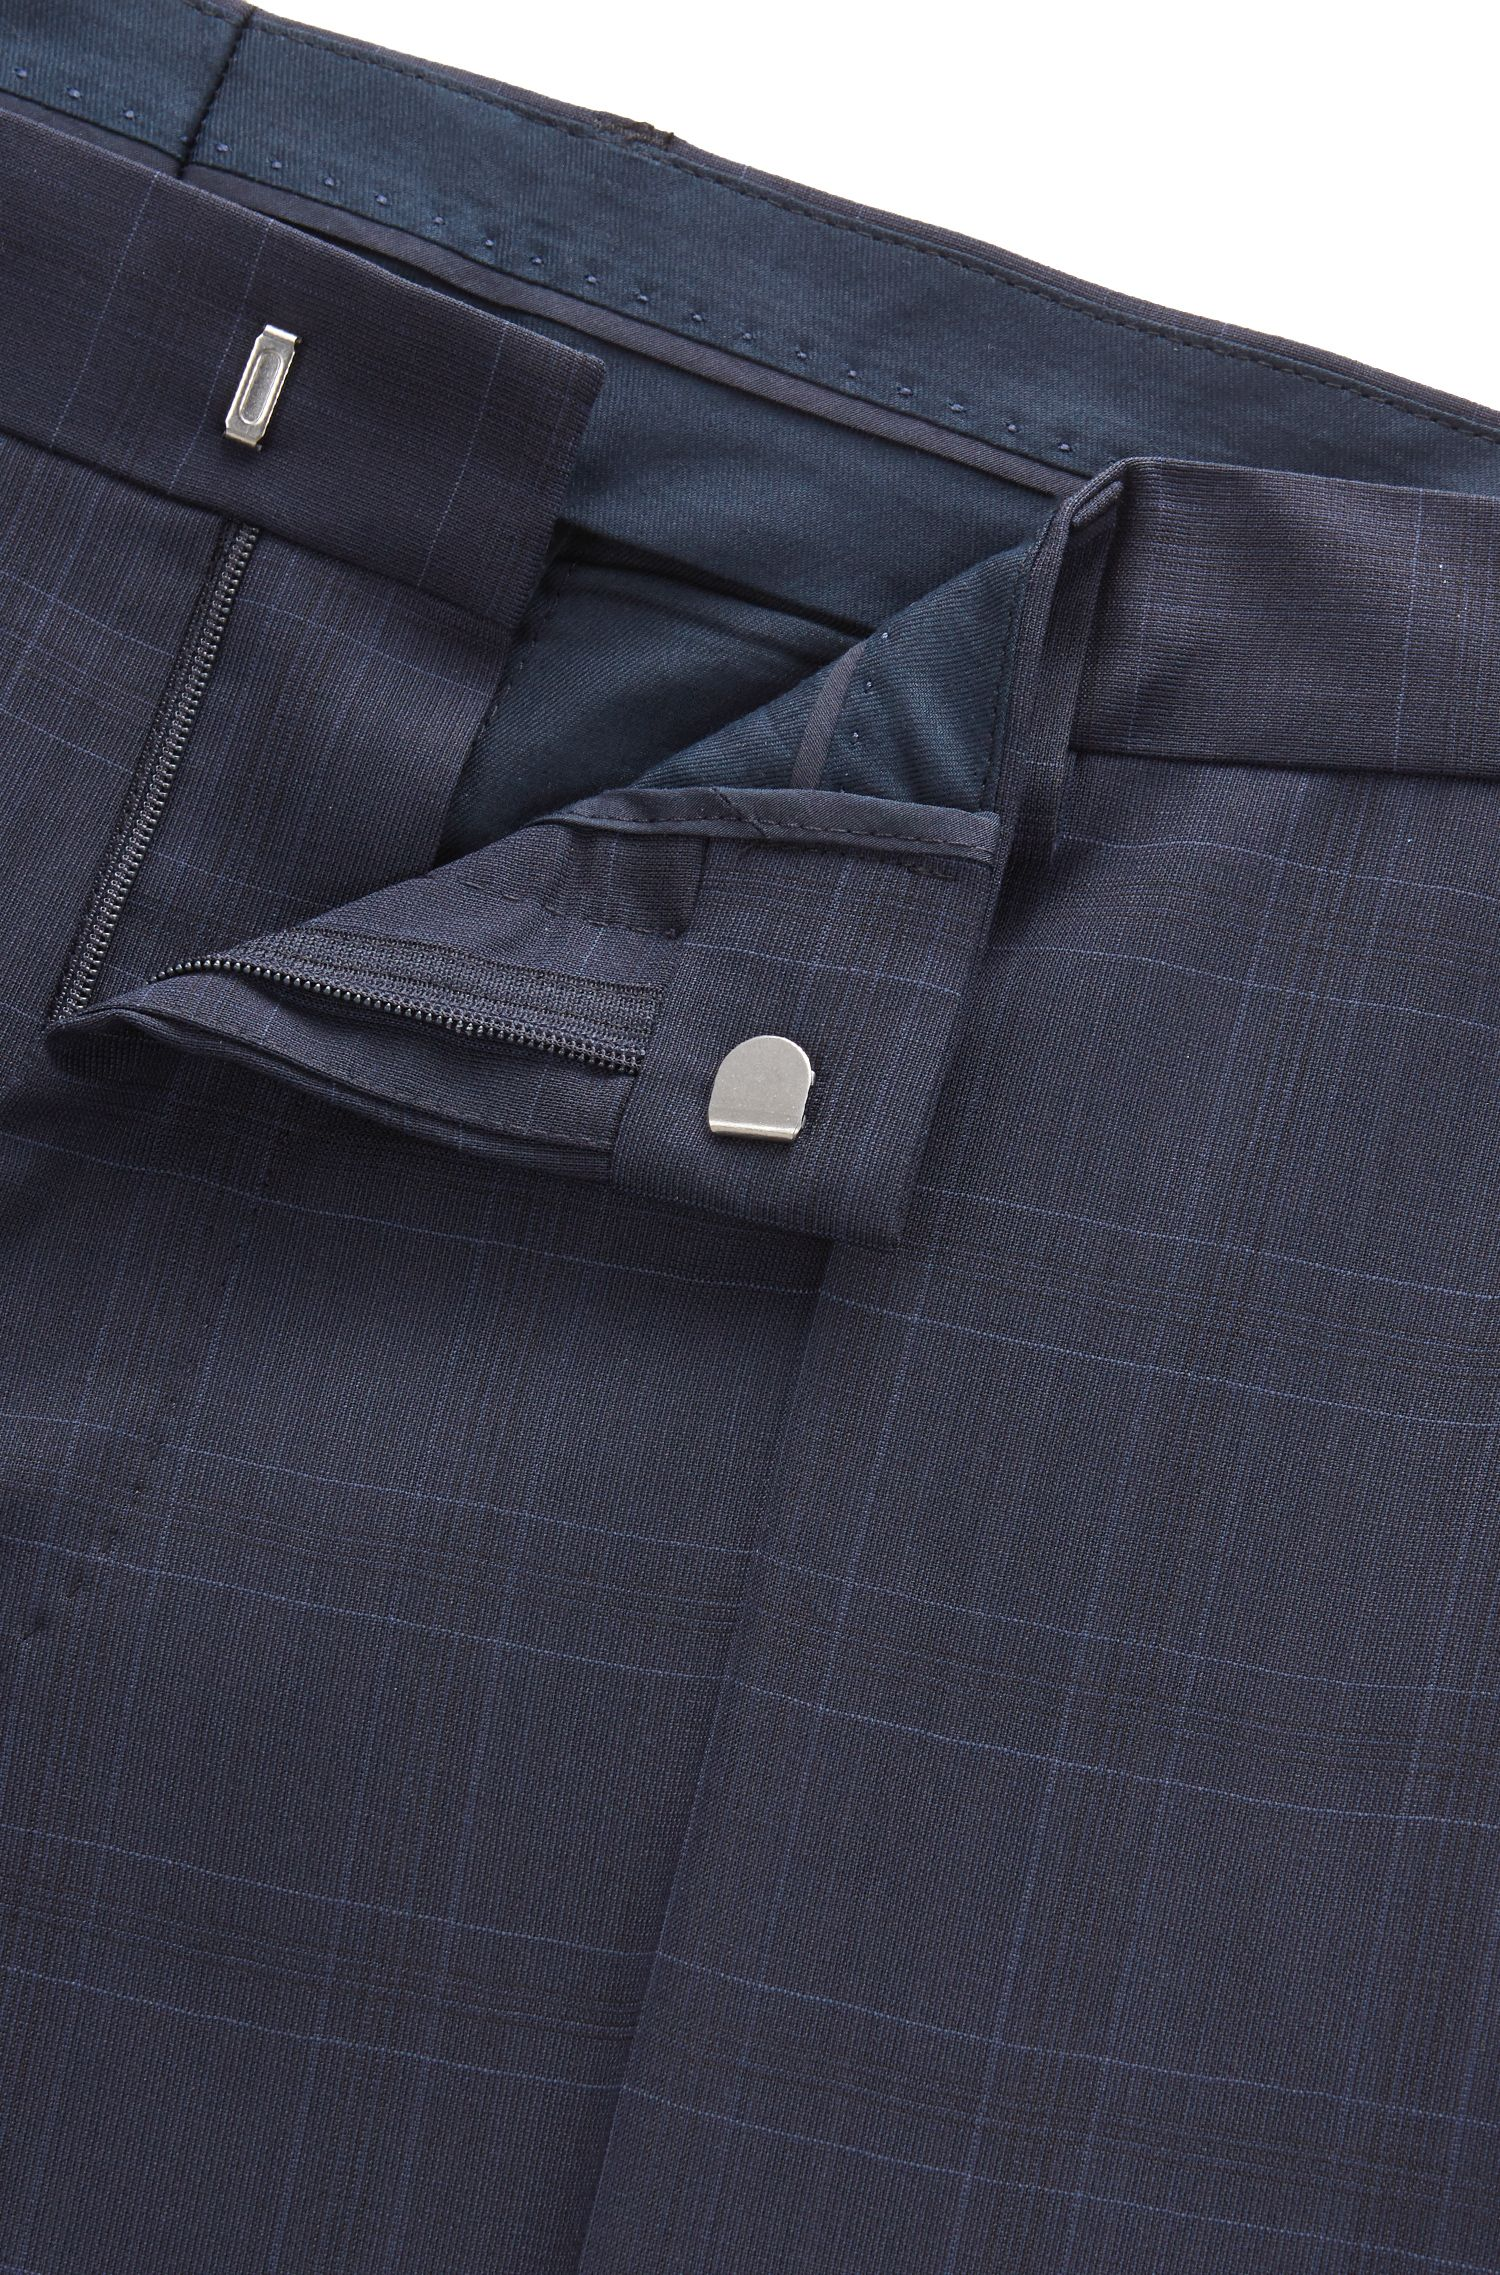 Stretch Tailoring Virgin Wool Suit, Slim Fit | Huge/Genius, Dark Blue